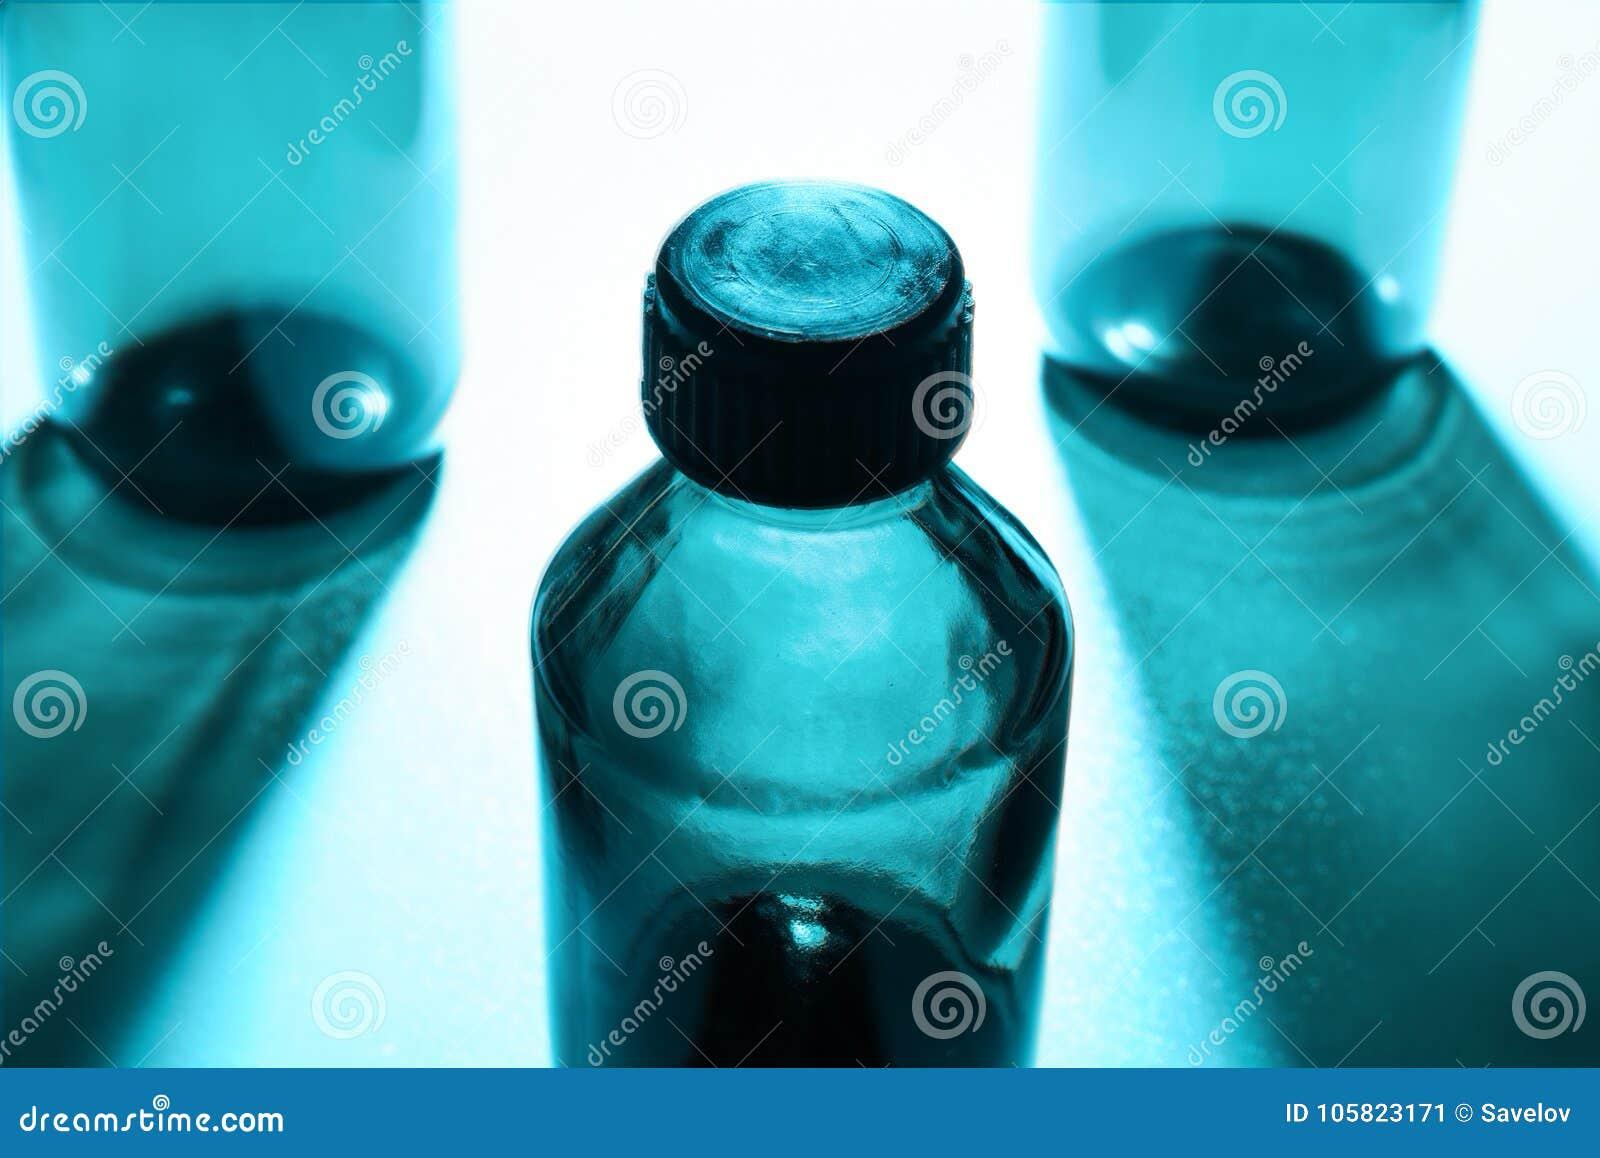 La composition des pots transparents avec l ombre dans la couleur froide teintée